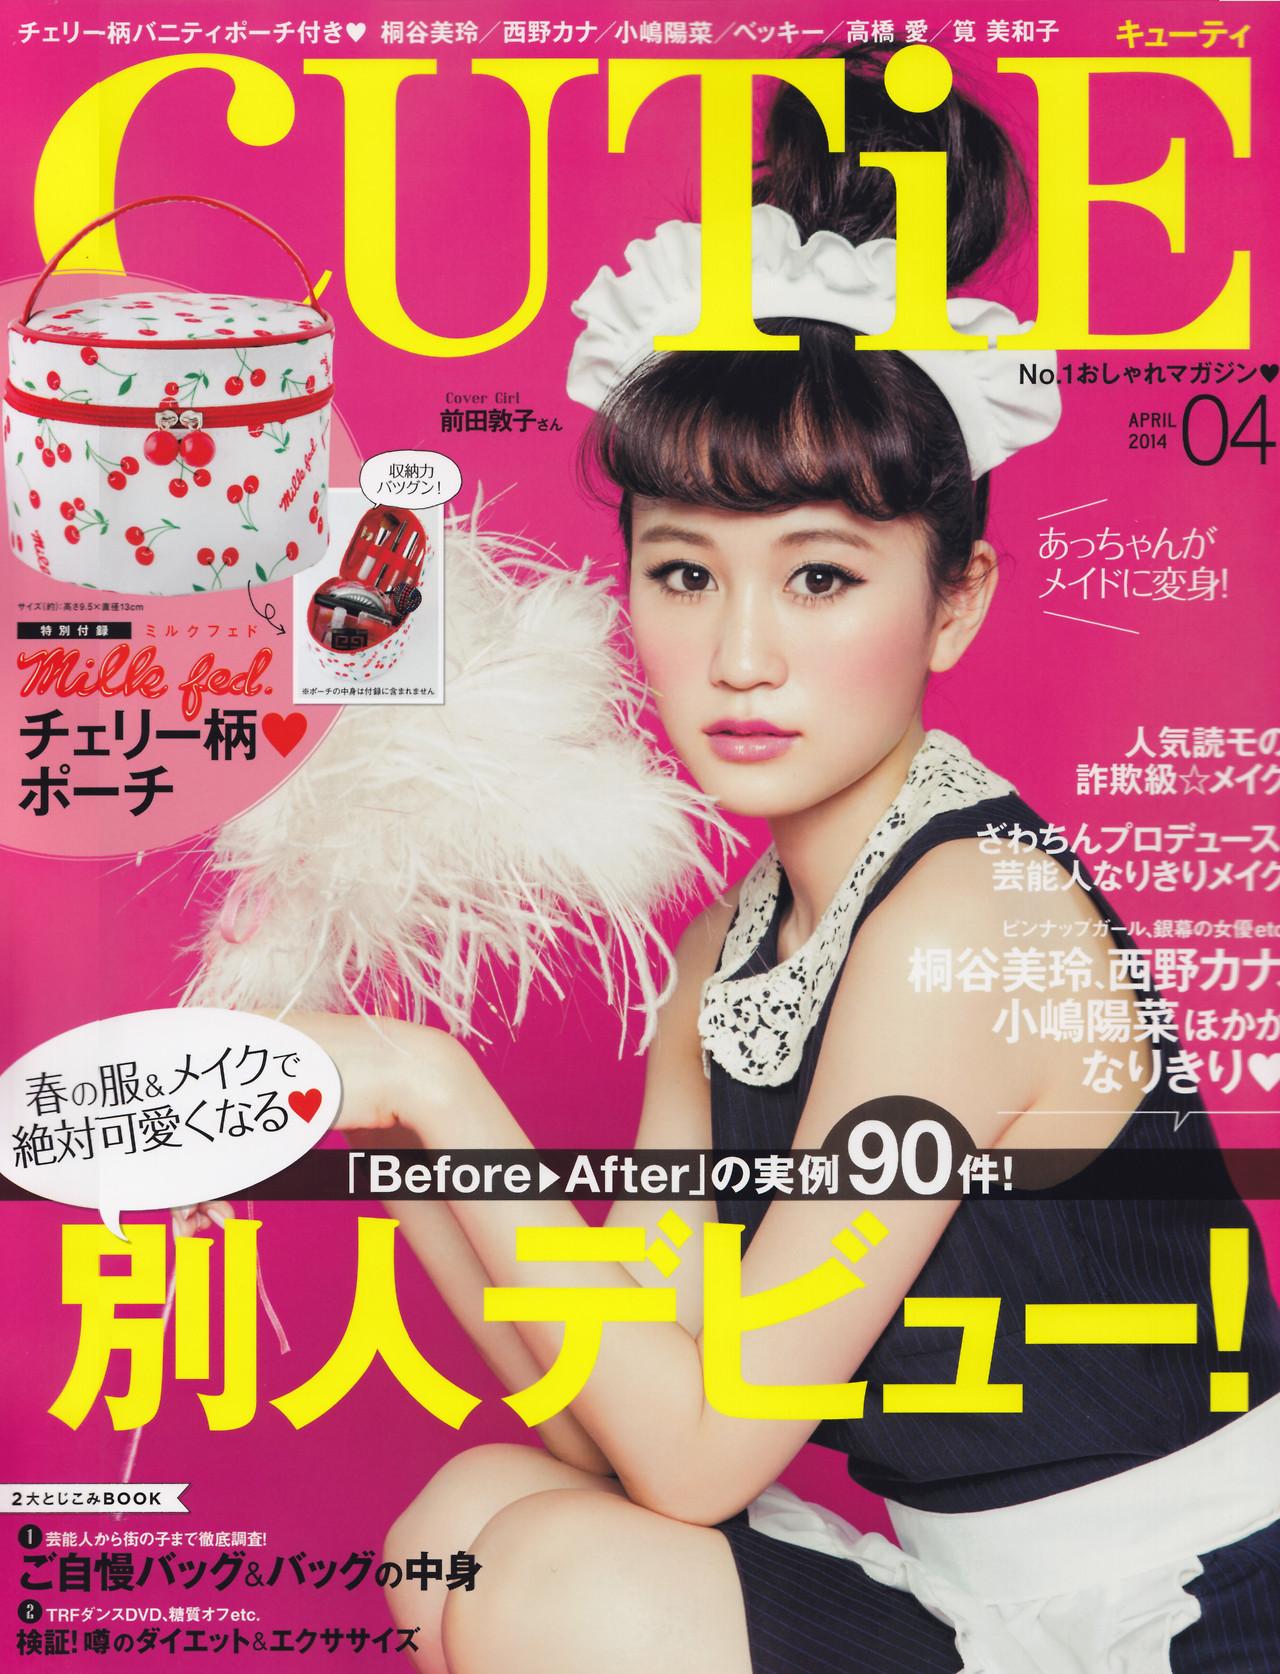 「CUTiE」4月号表紙の前田敦子、輪郭が細長くおかしくなってる